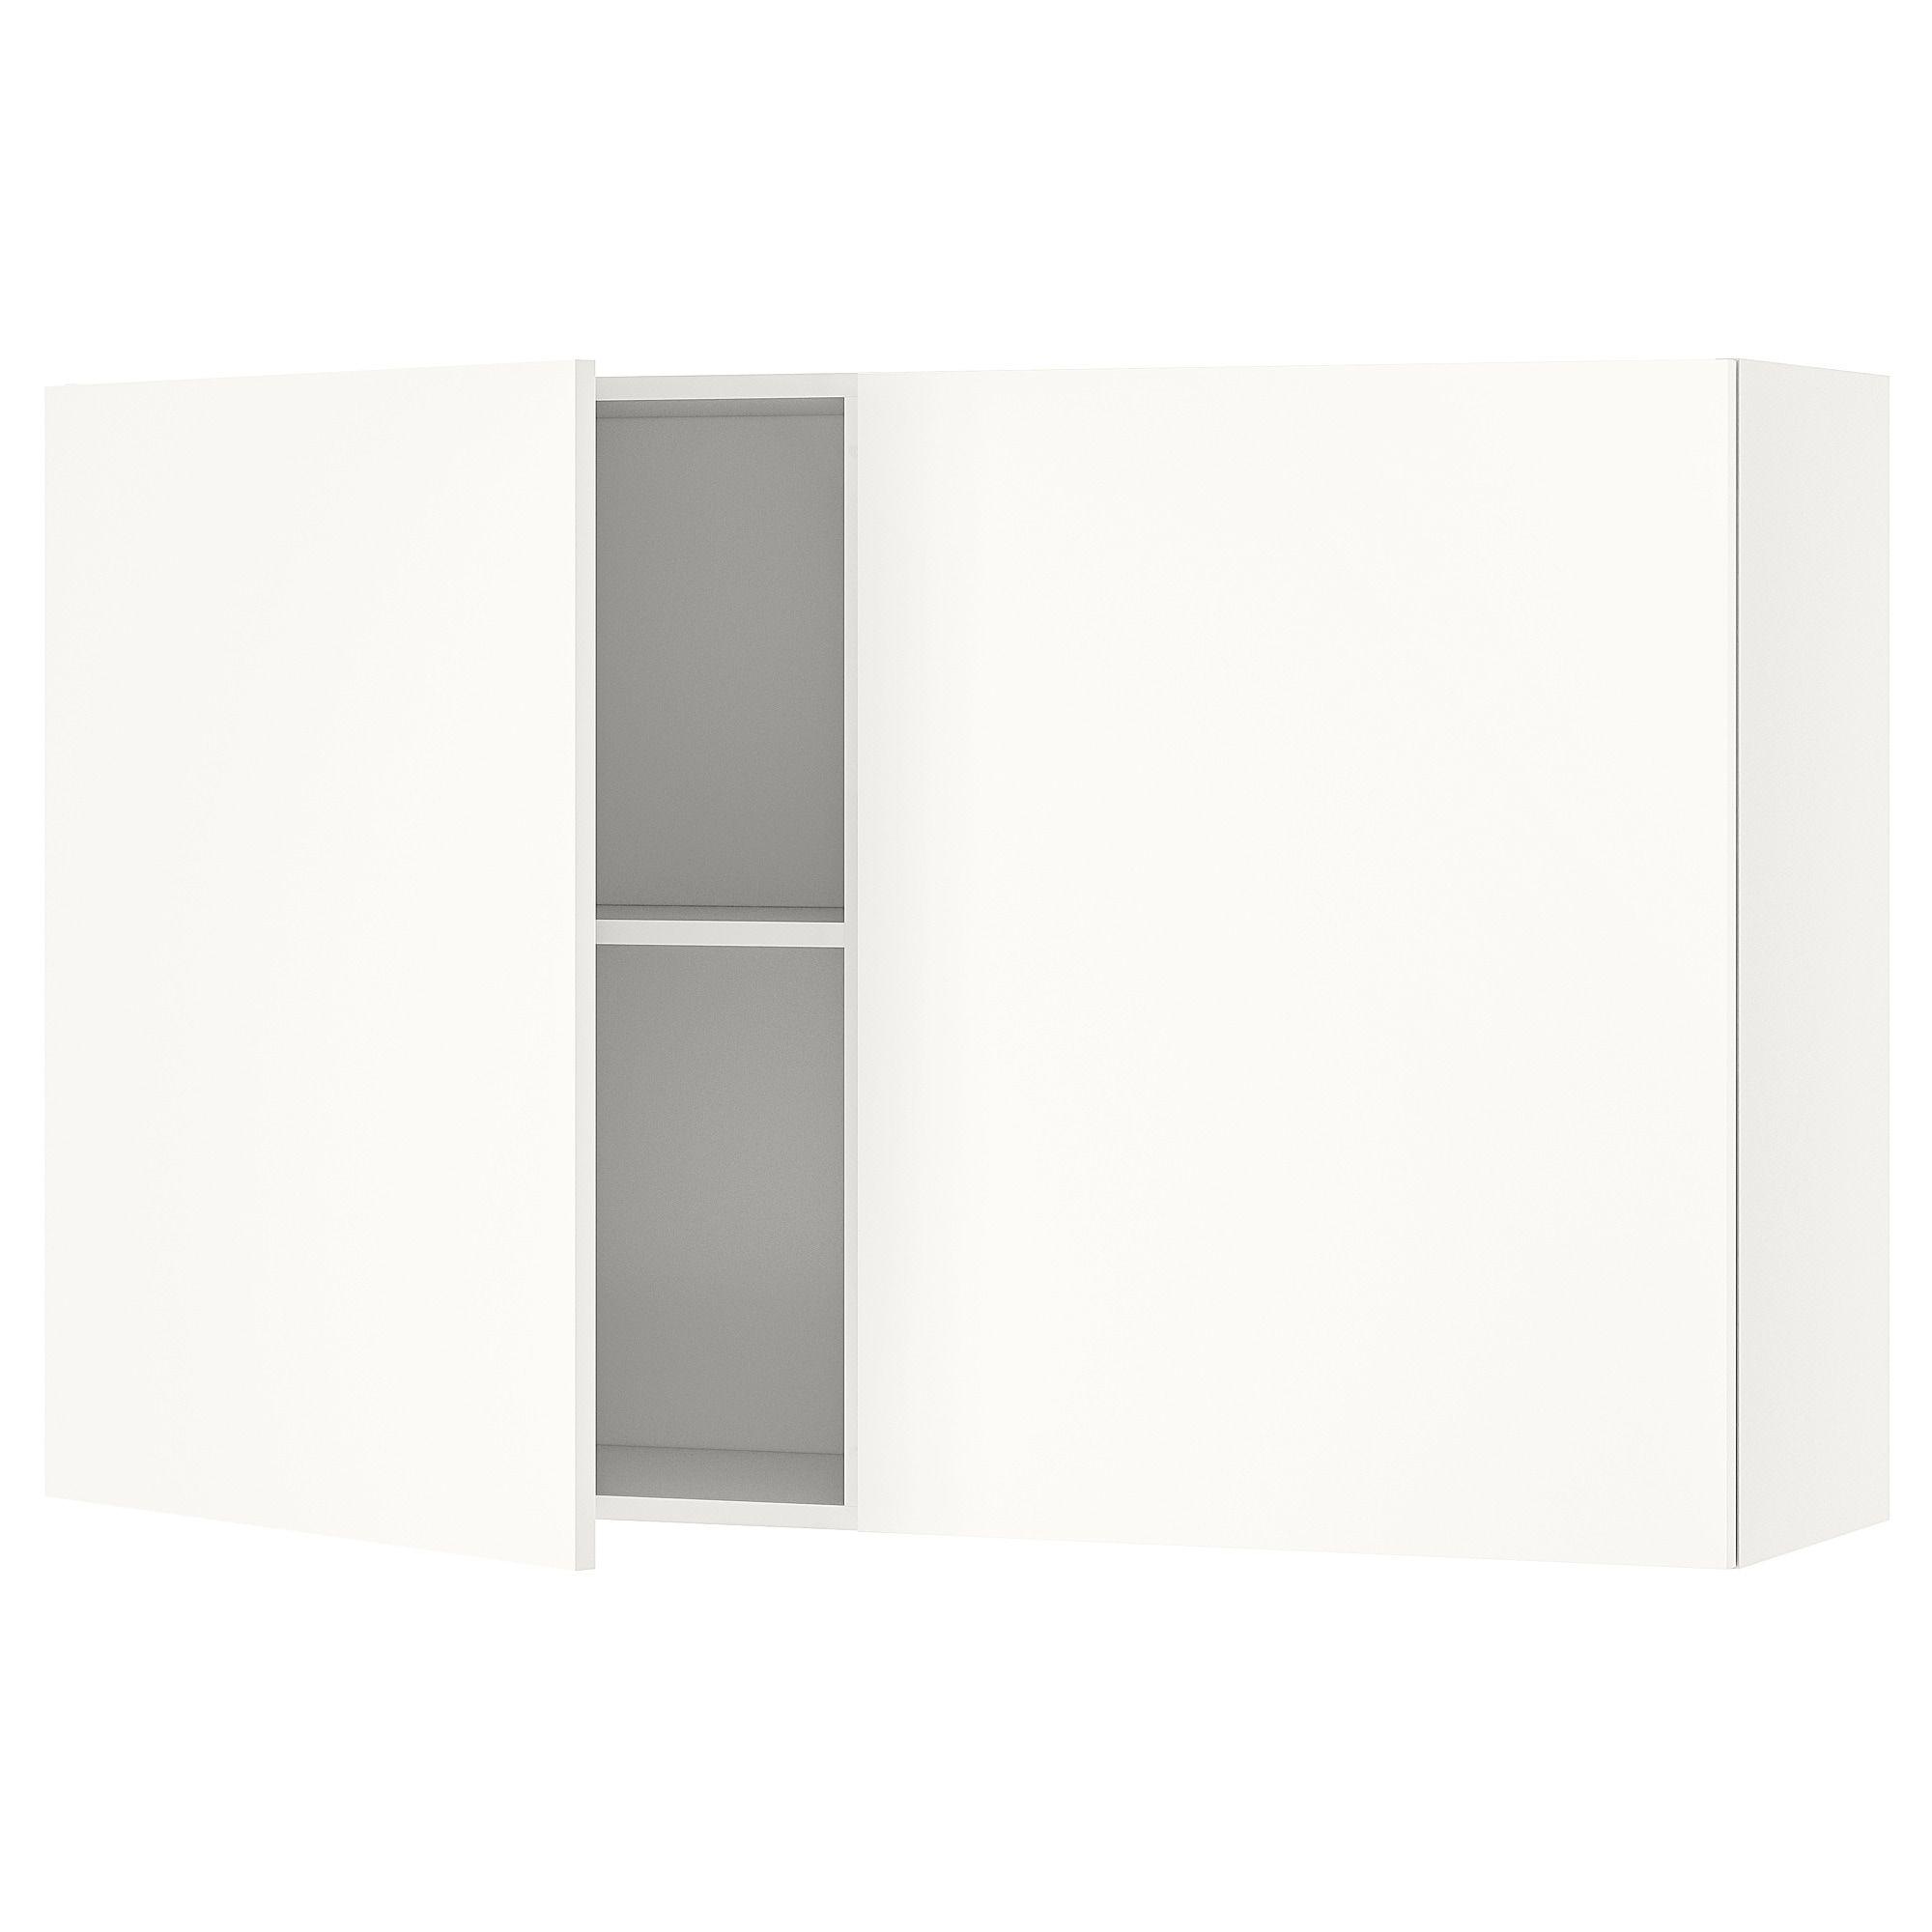 Knoxhult Element Mural Avec Portes Blanc 120x75 Cm Parement Mural Armoire Murale Et Ikea